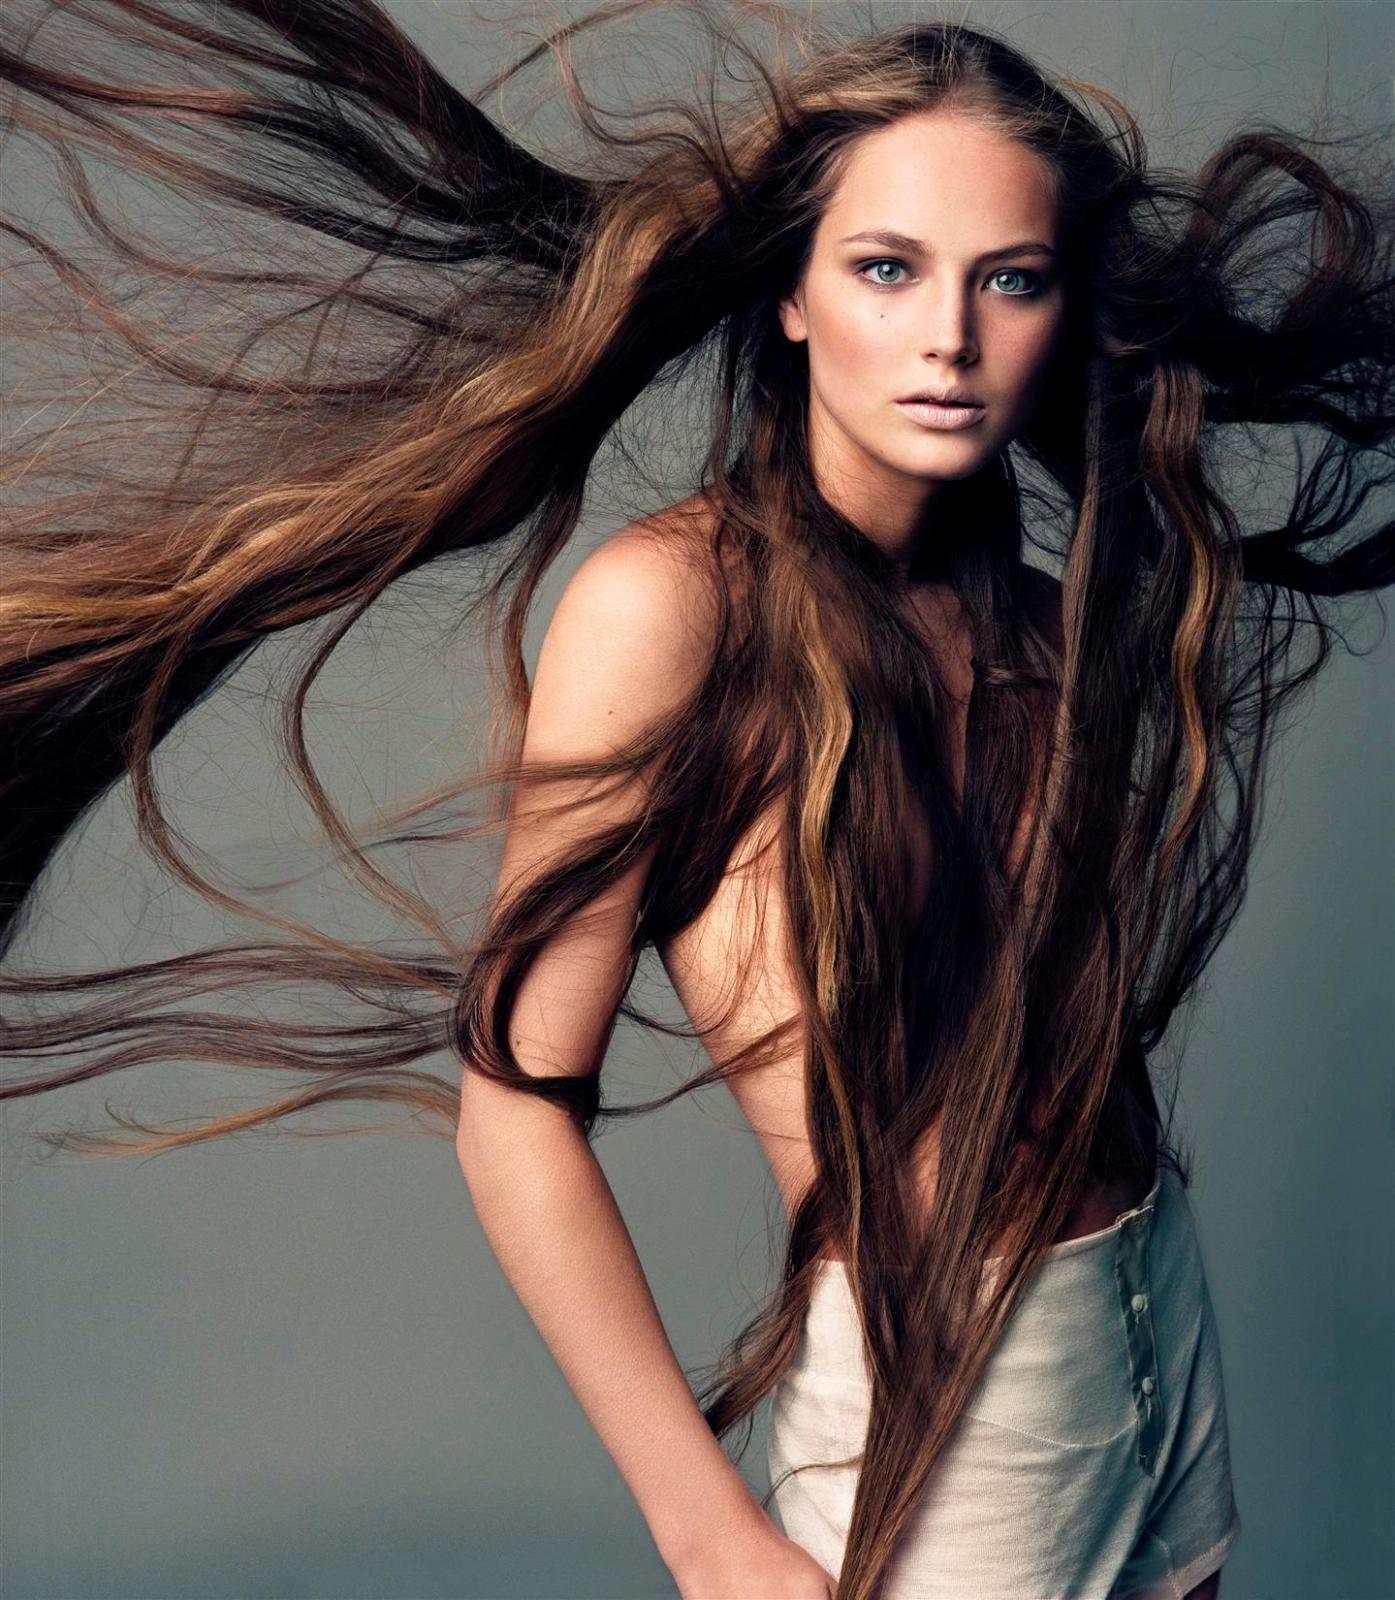 Фото русских девушек с длинными волосами 1 фотография